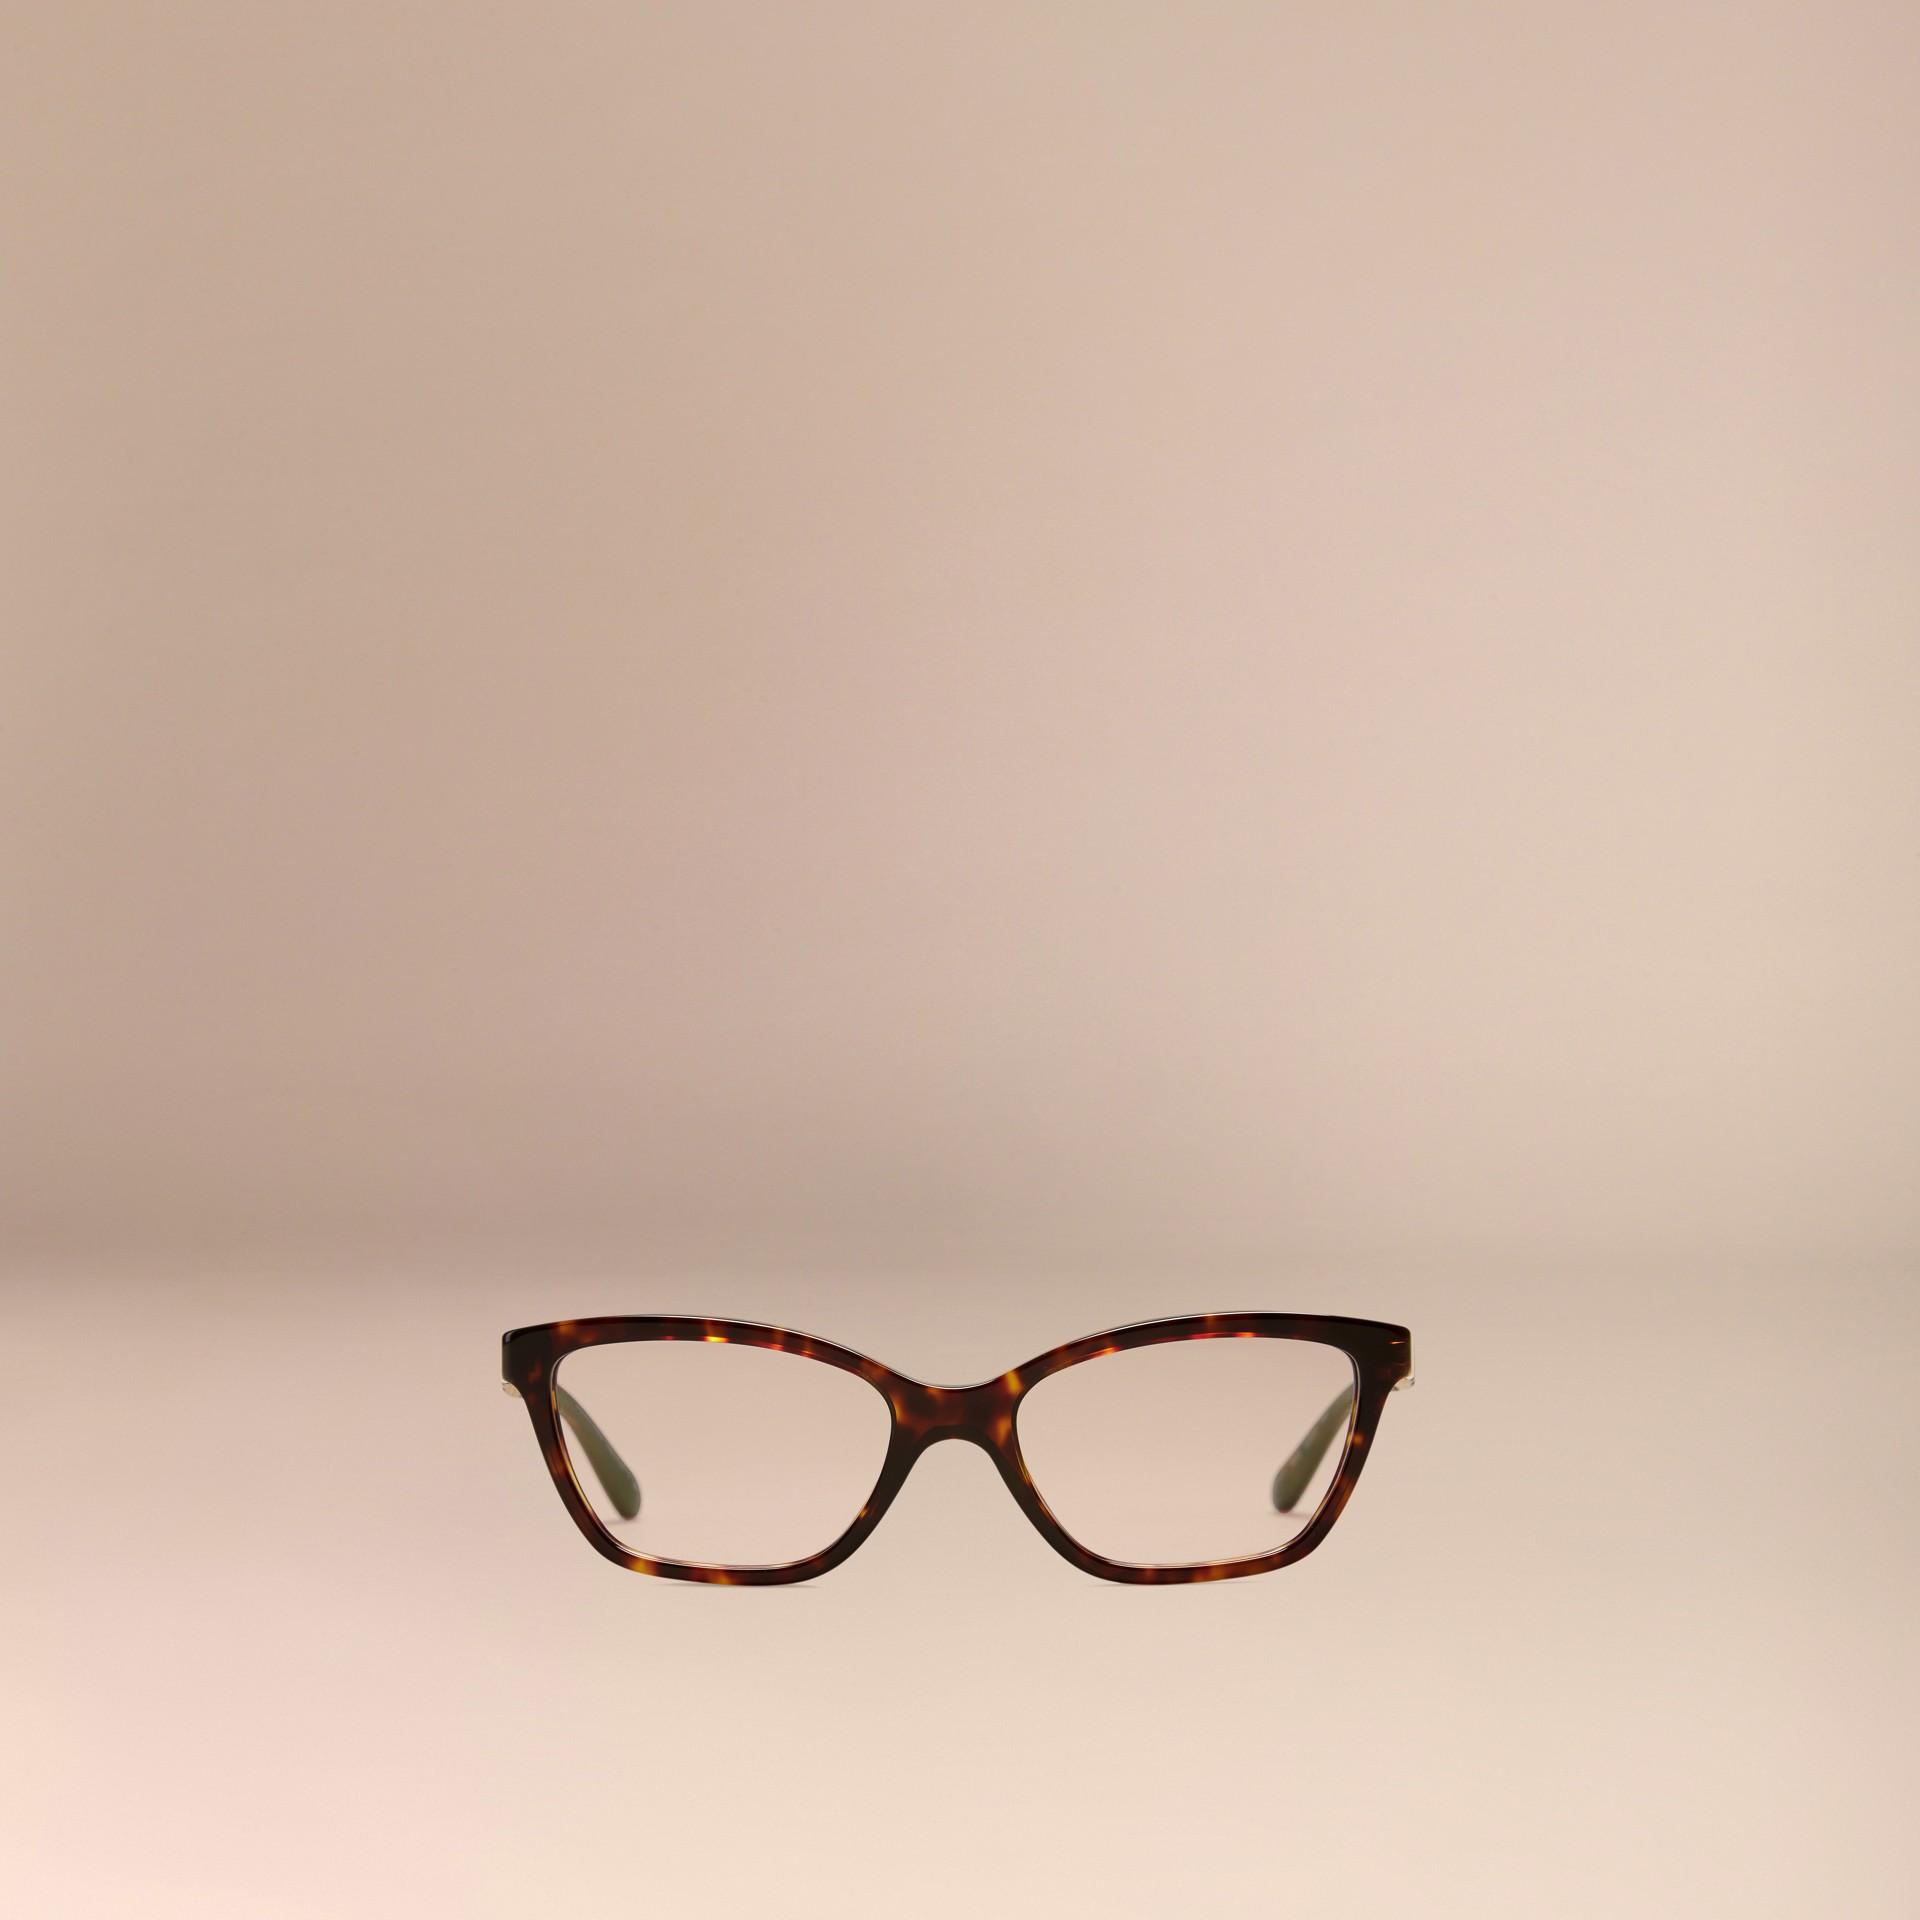 Écaille de tortue Monture œil de chat pour lunettes de vue à motif check Écaille  Tortue - photo de la galerie 2